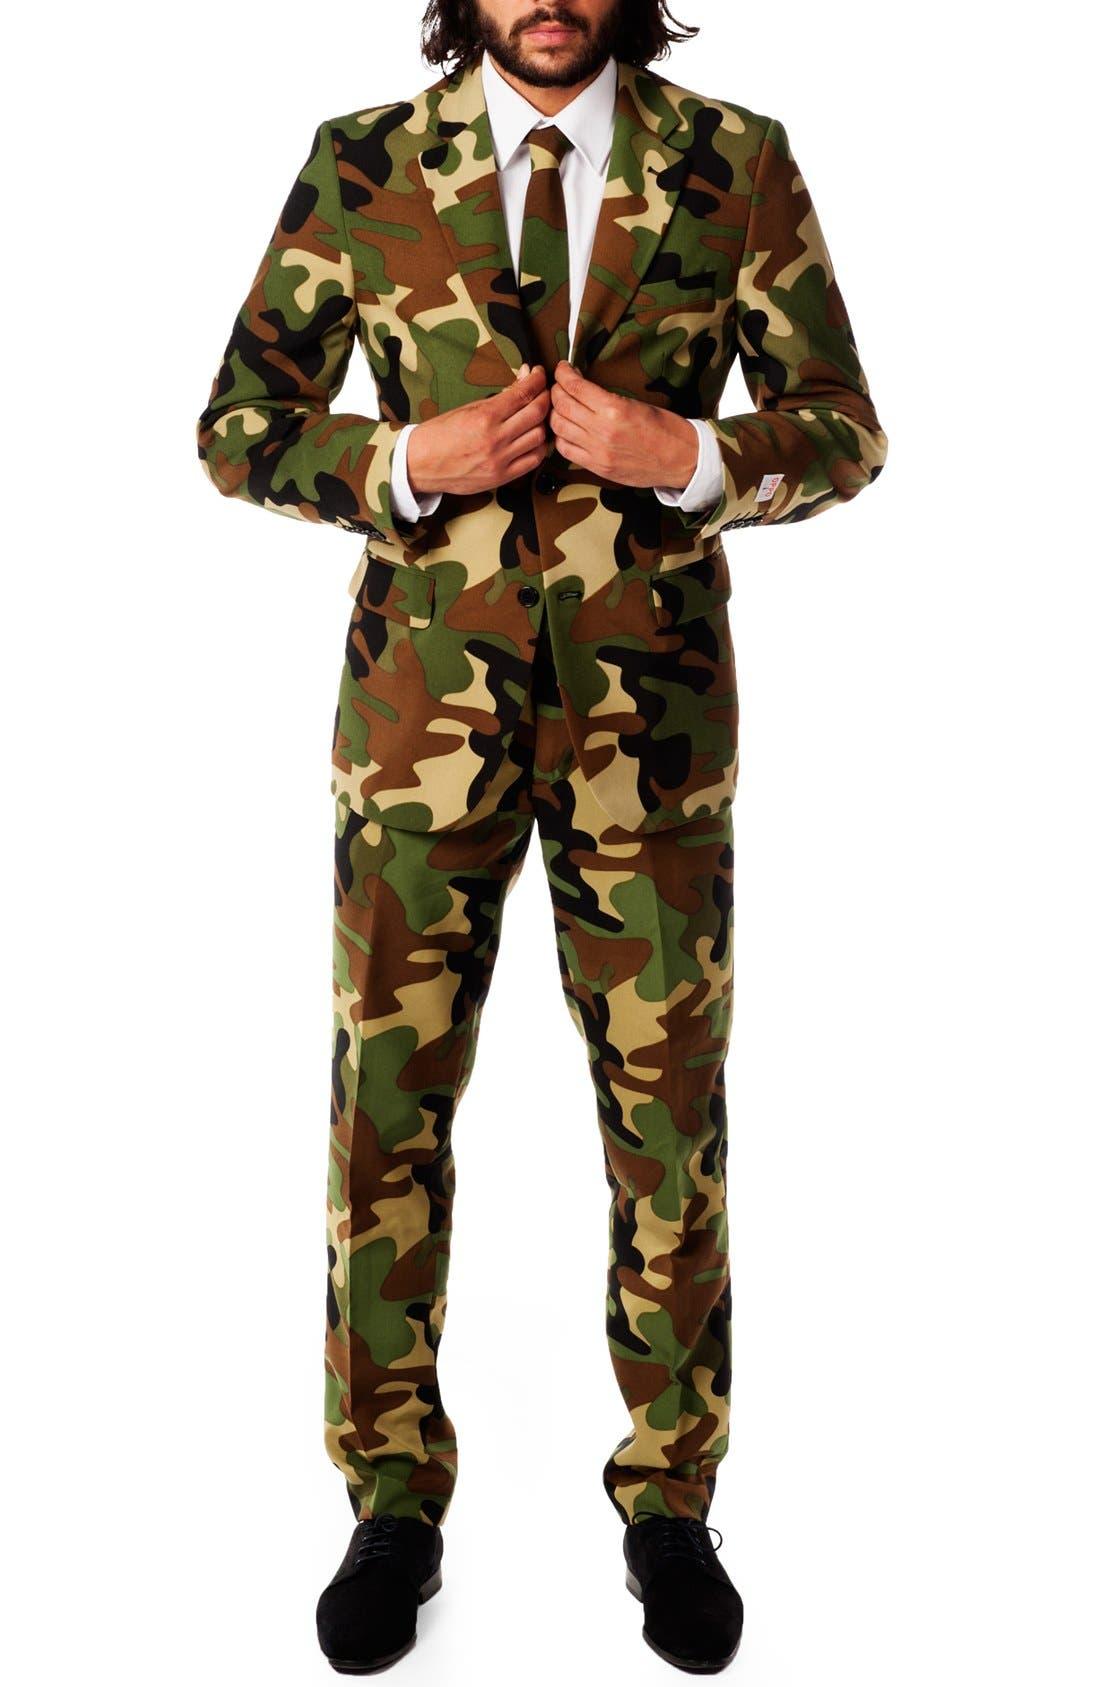 'Commando' Trim Fit Two-Piece Suit with Tie,                         Main,                         color, Camo